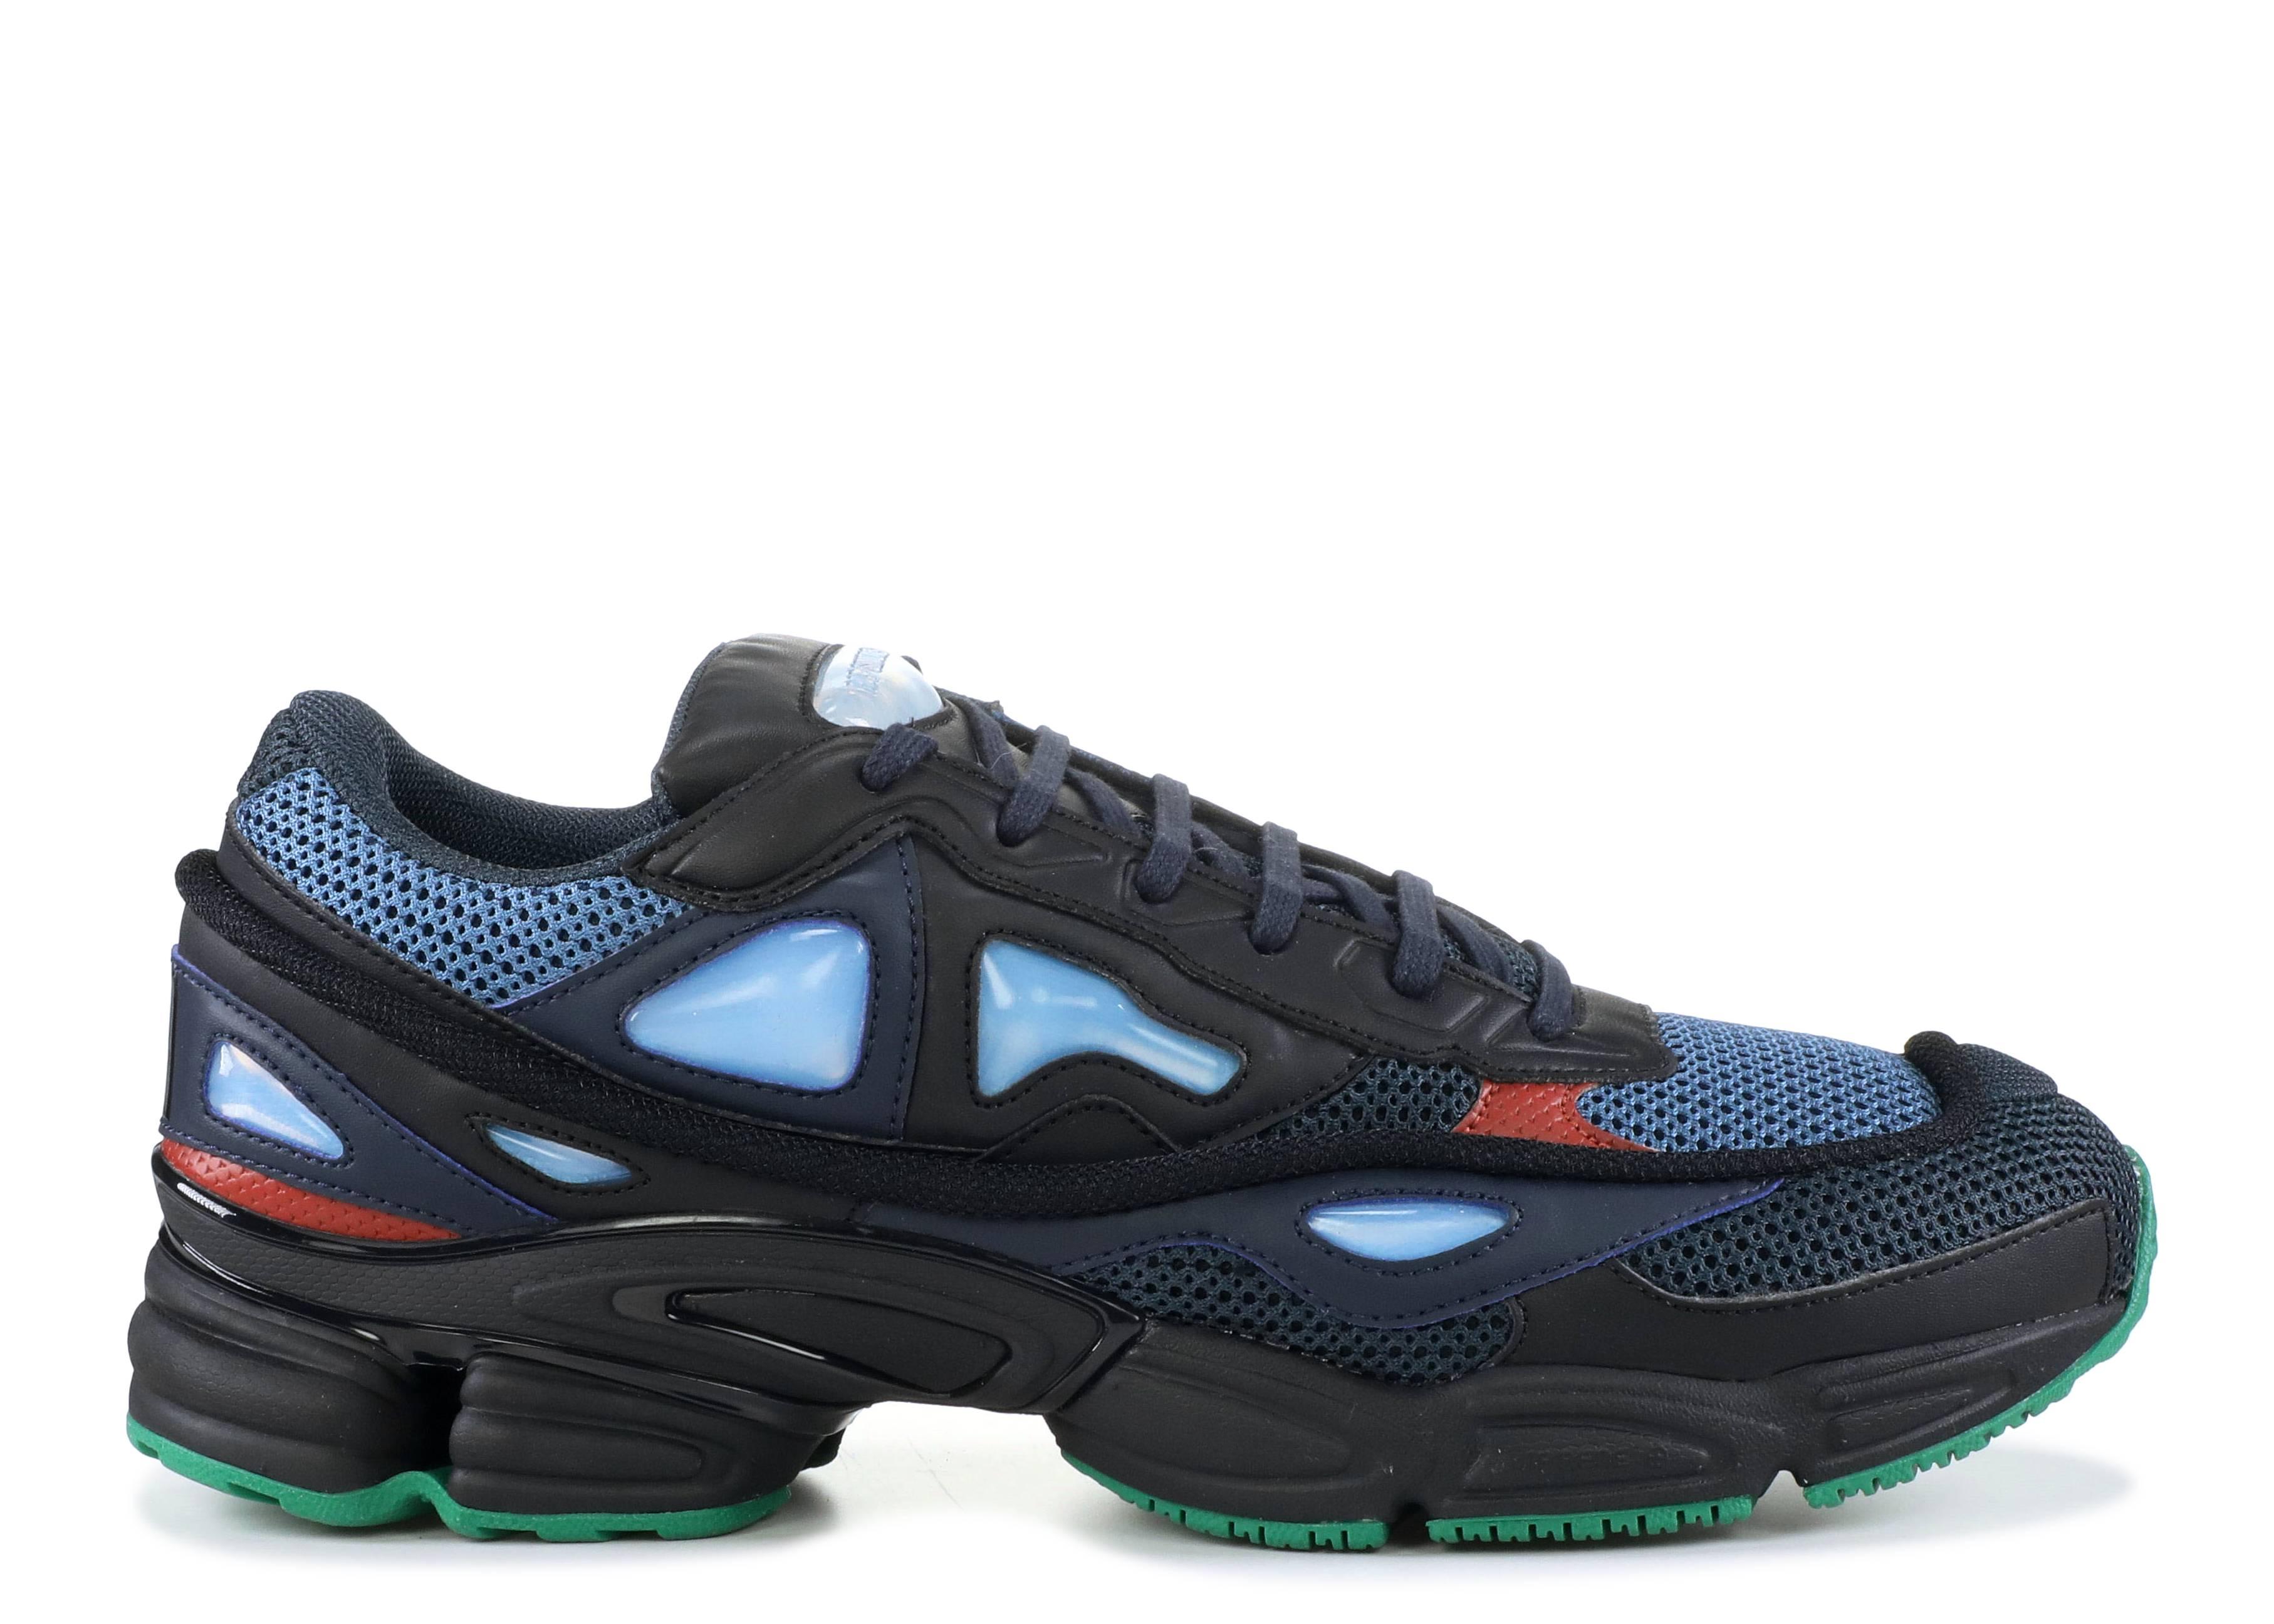 De Nike Air Force 1 Iridescent komt in maar liefst twee